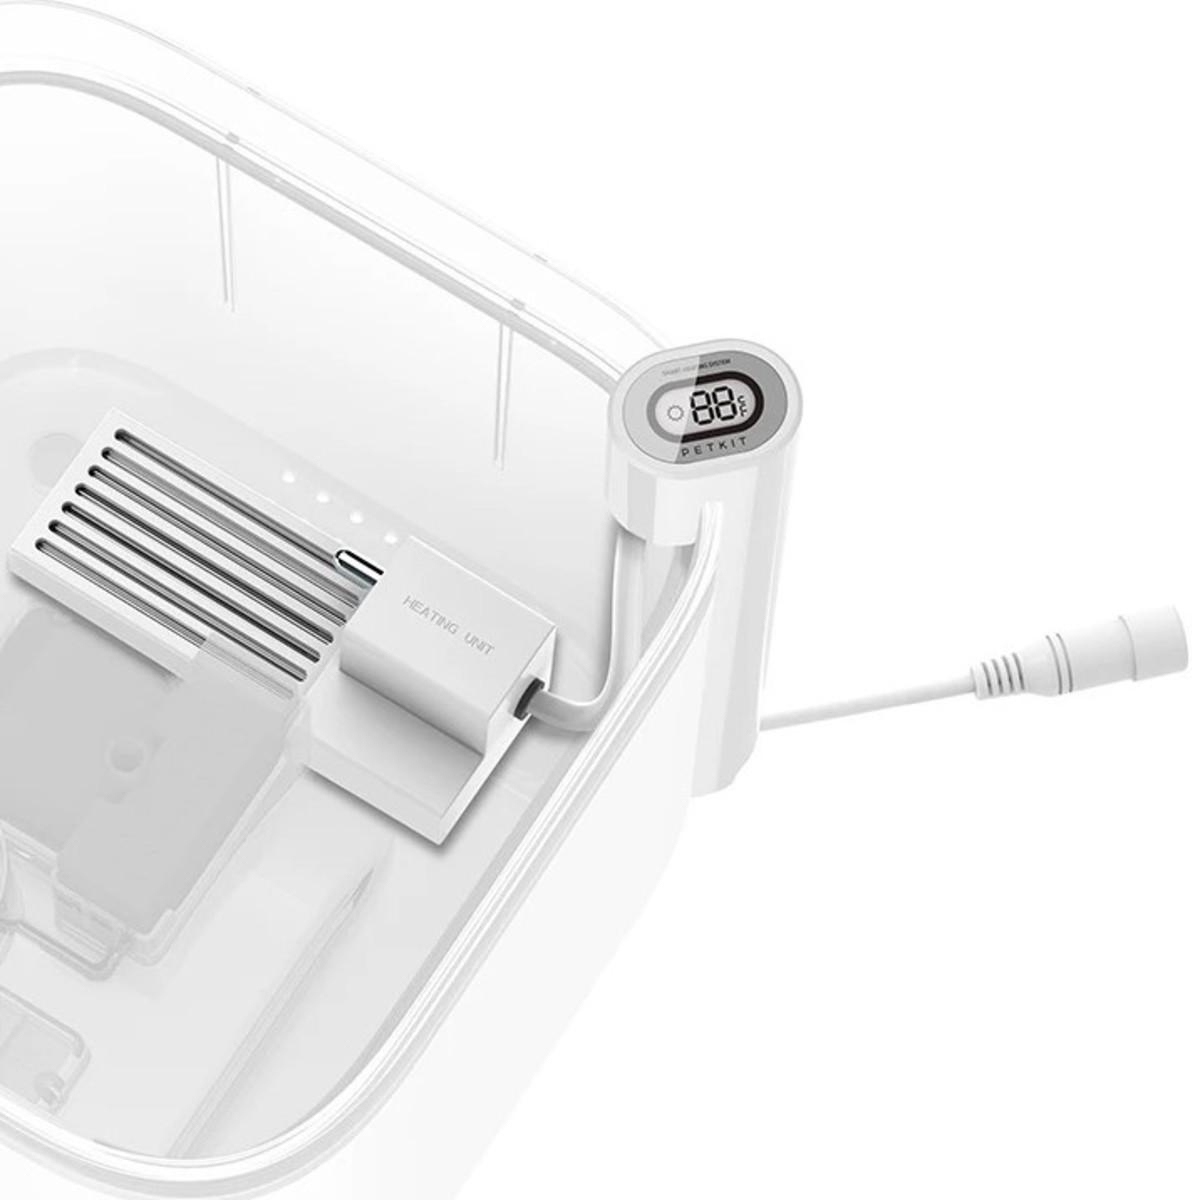 Eversweet 2 Smart Water Warmer